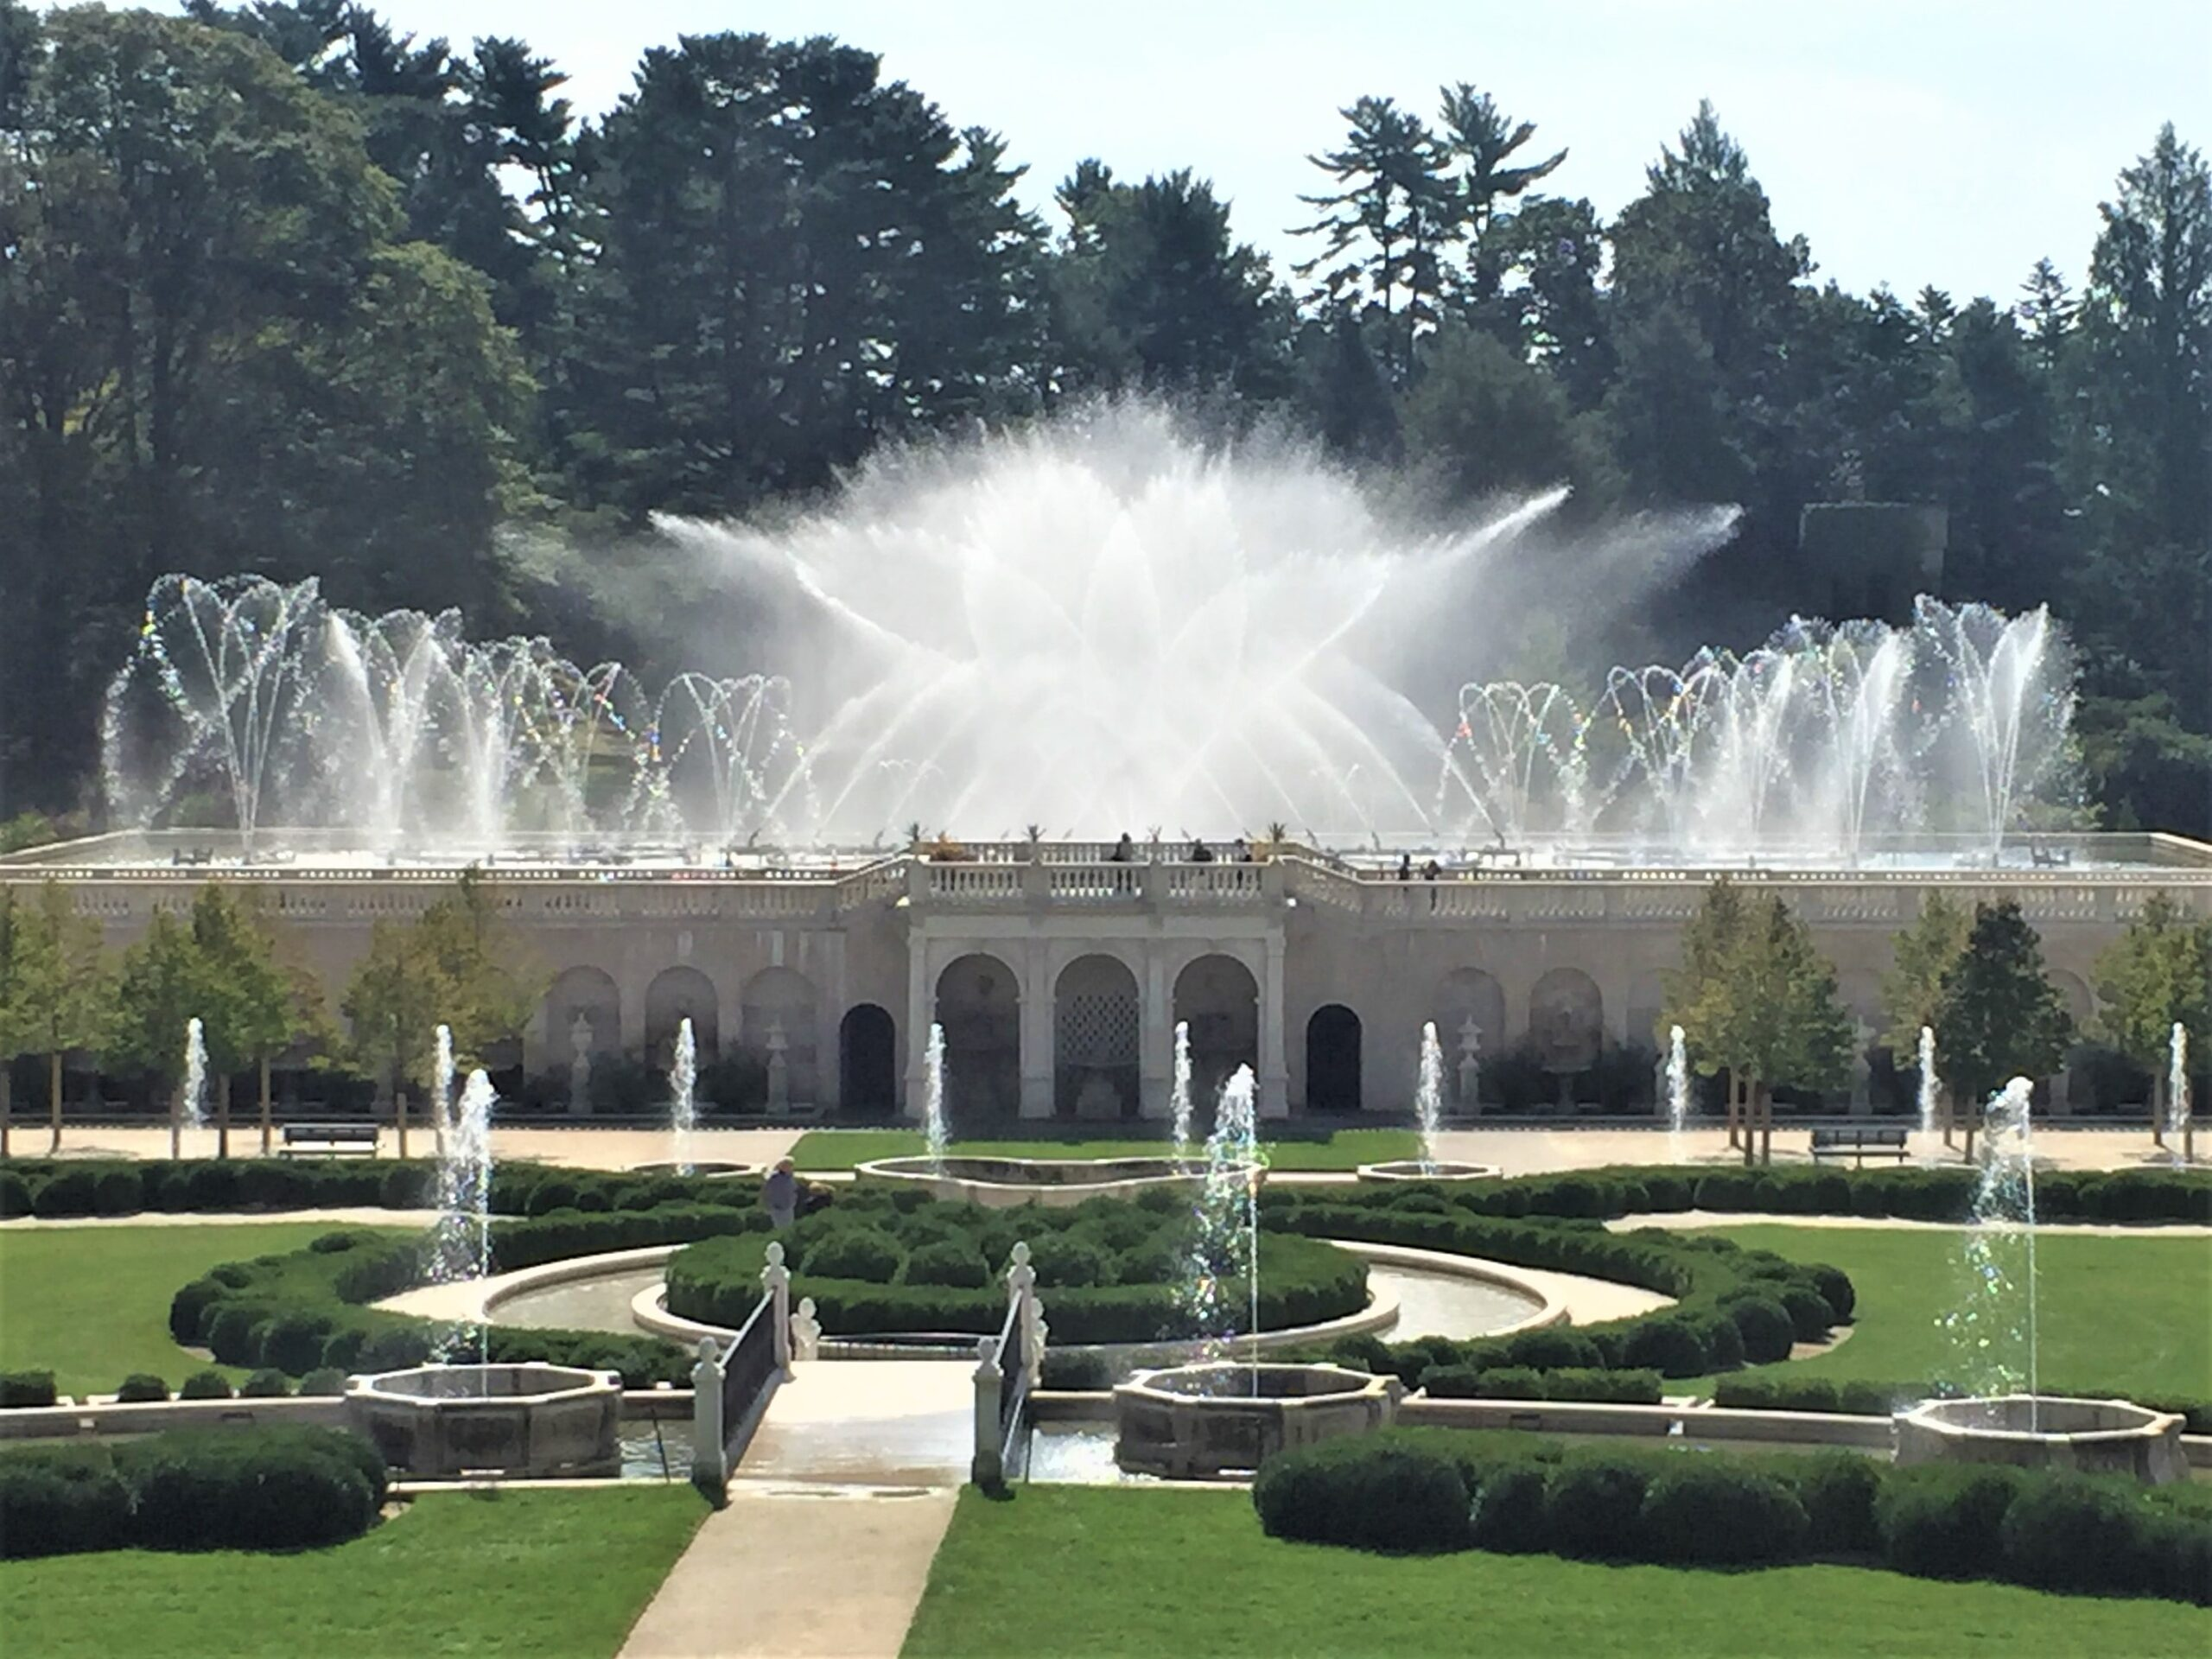 Longwood Fountain